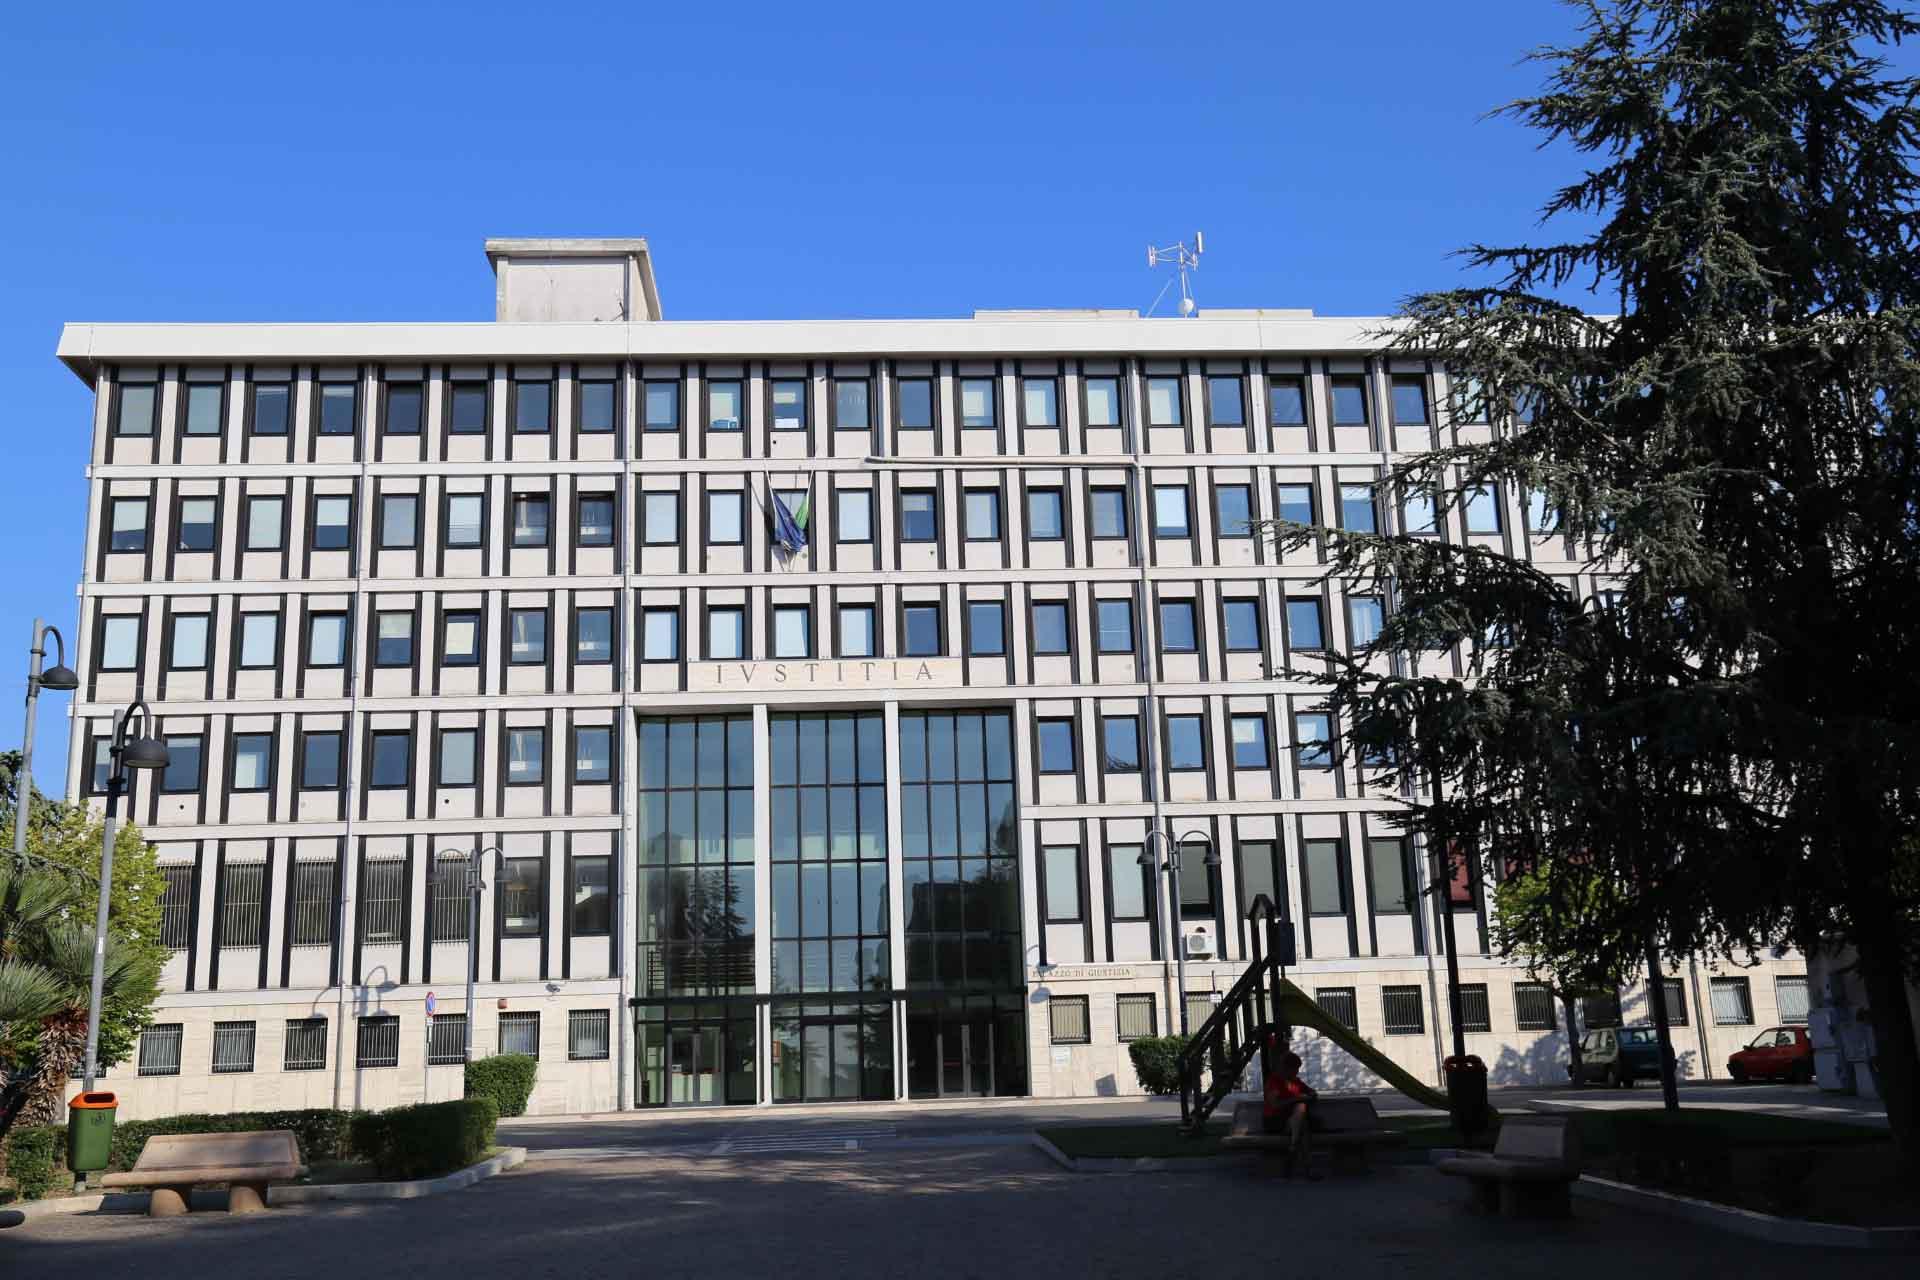 Niente più competenze sul fallimentare, l'allarme per il tribunale di Larino